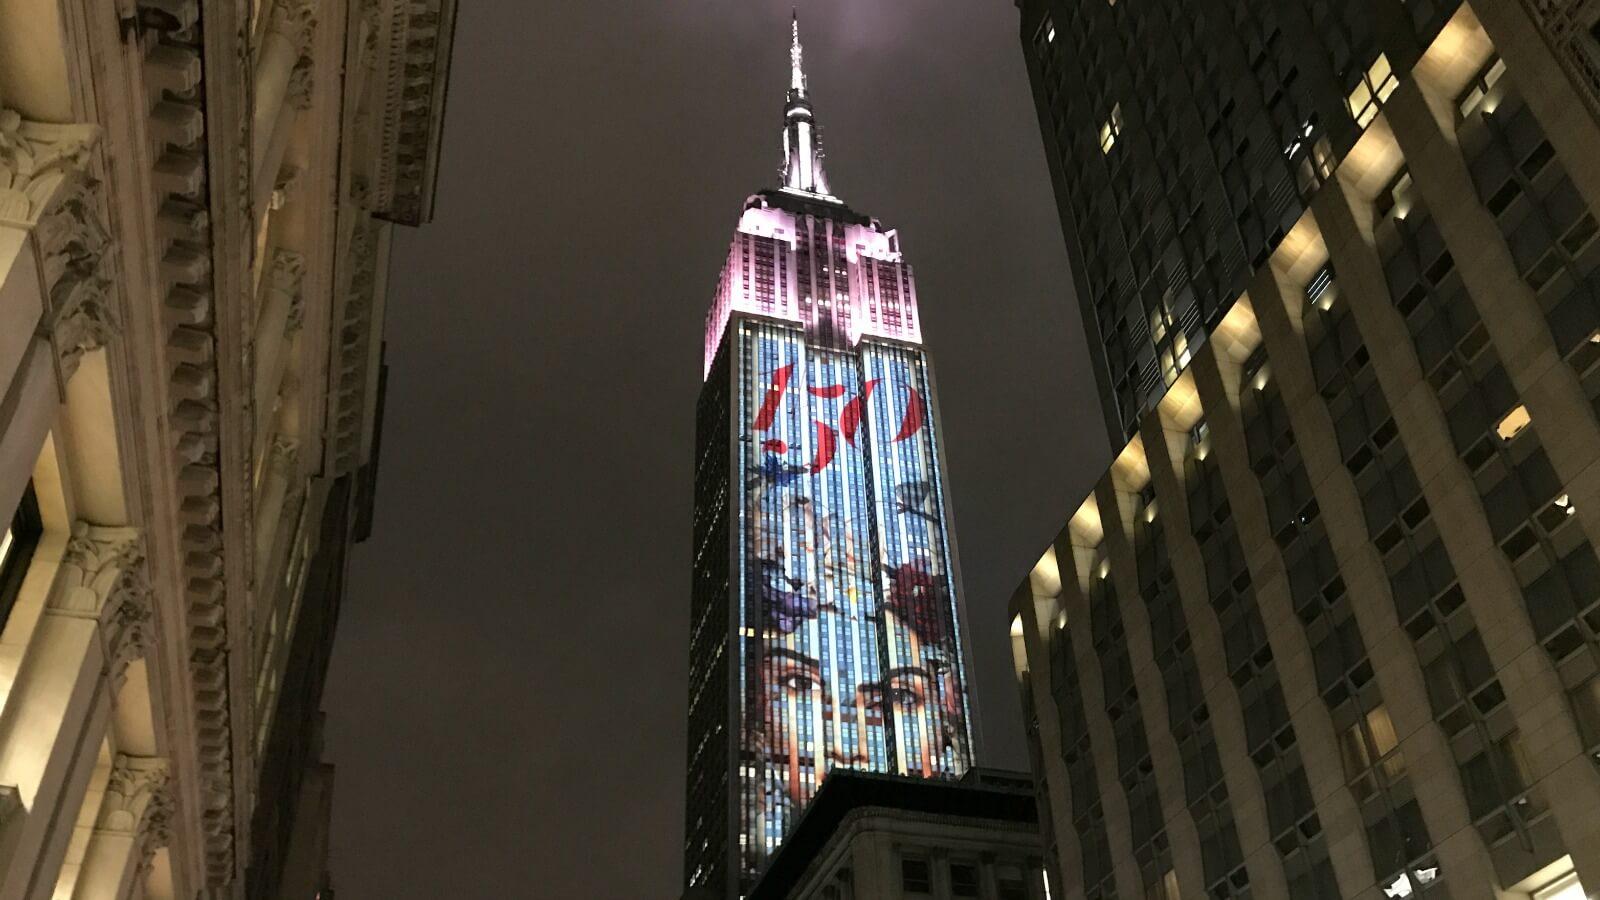 150 imágenes sobre diseño y moda en la fachada del Empire State